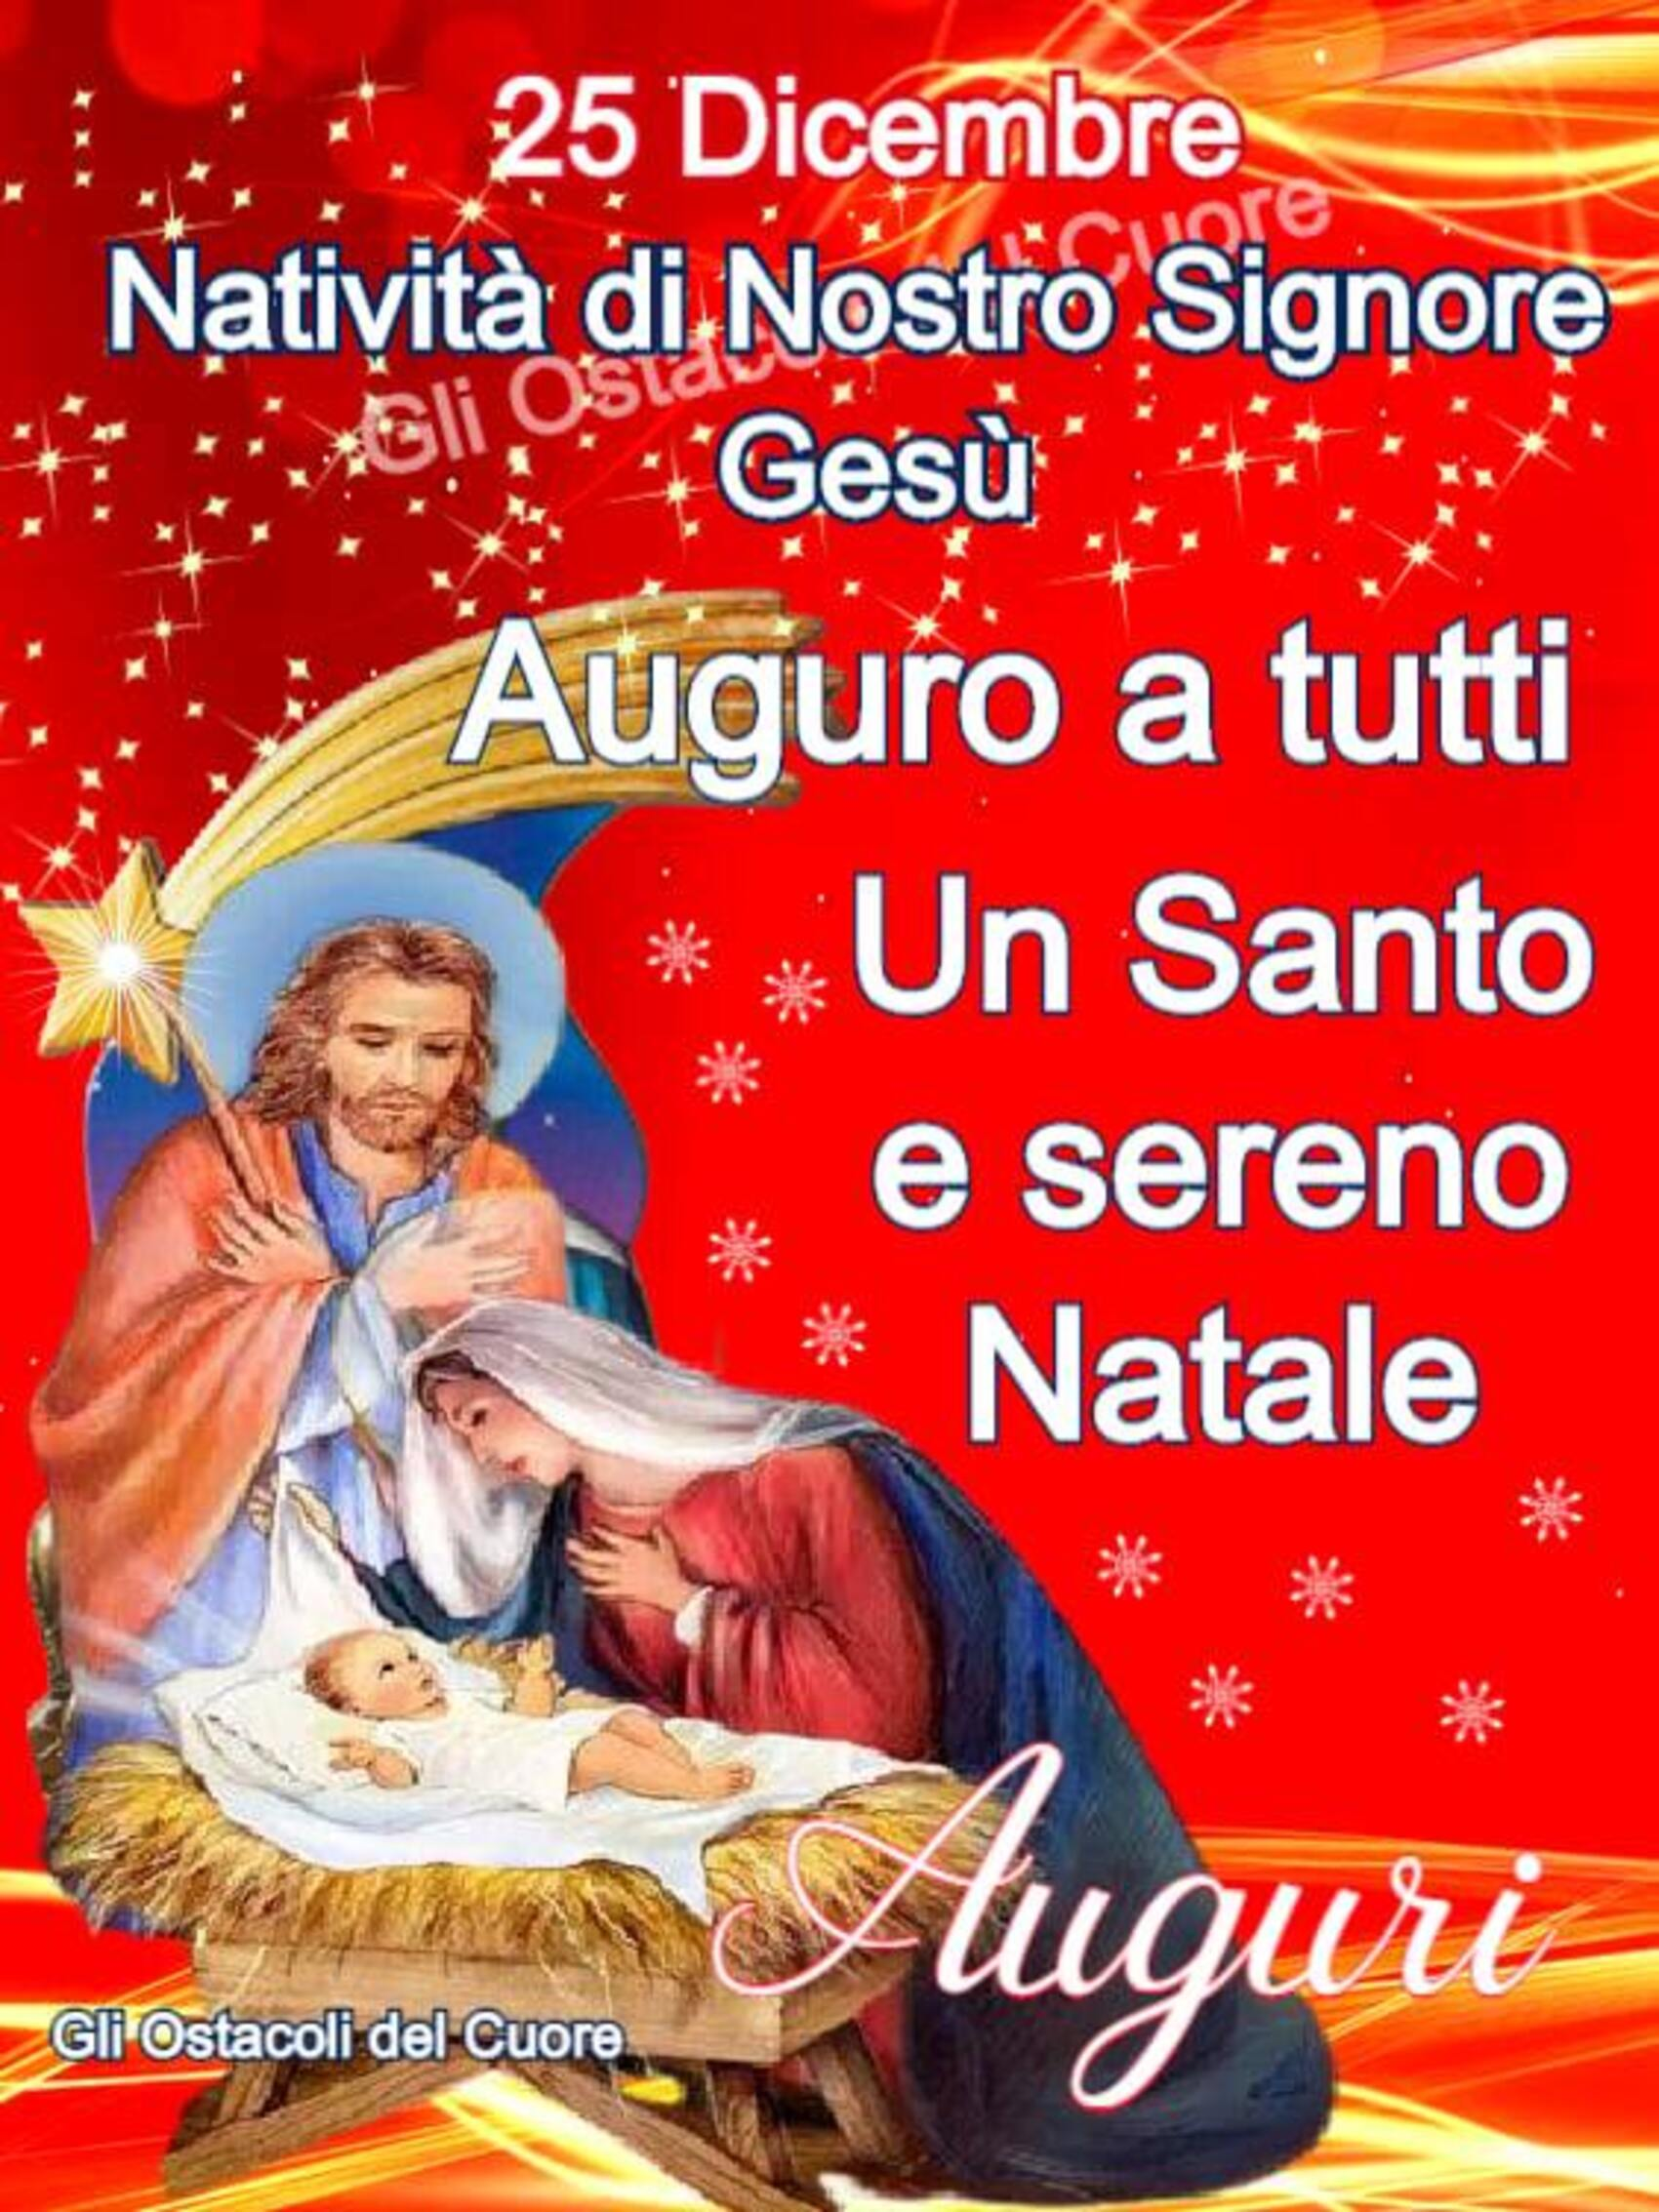 25 Dicembre Natività di Nostro Signore Gesù